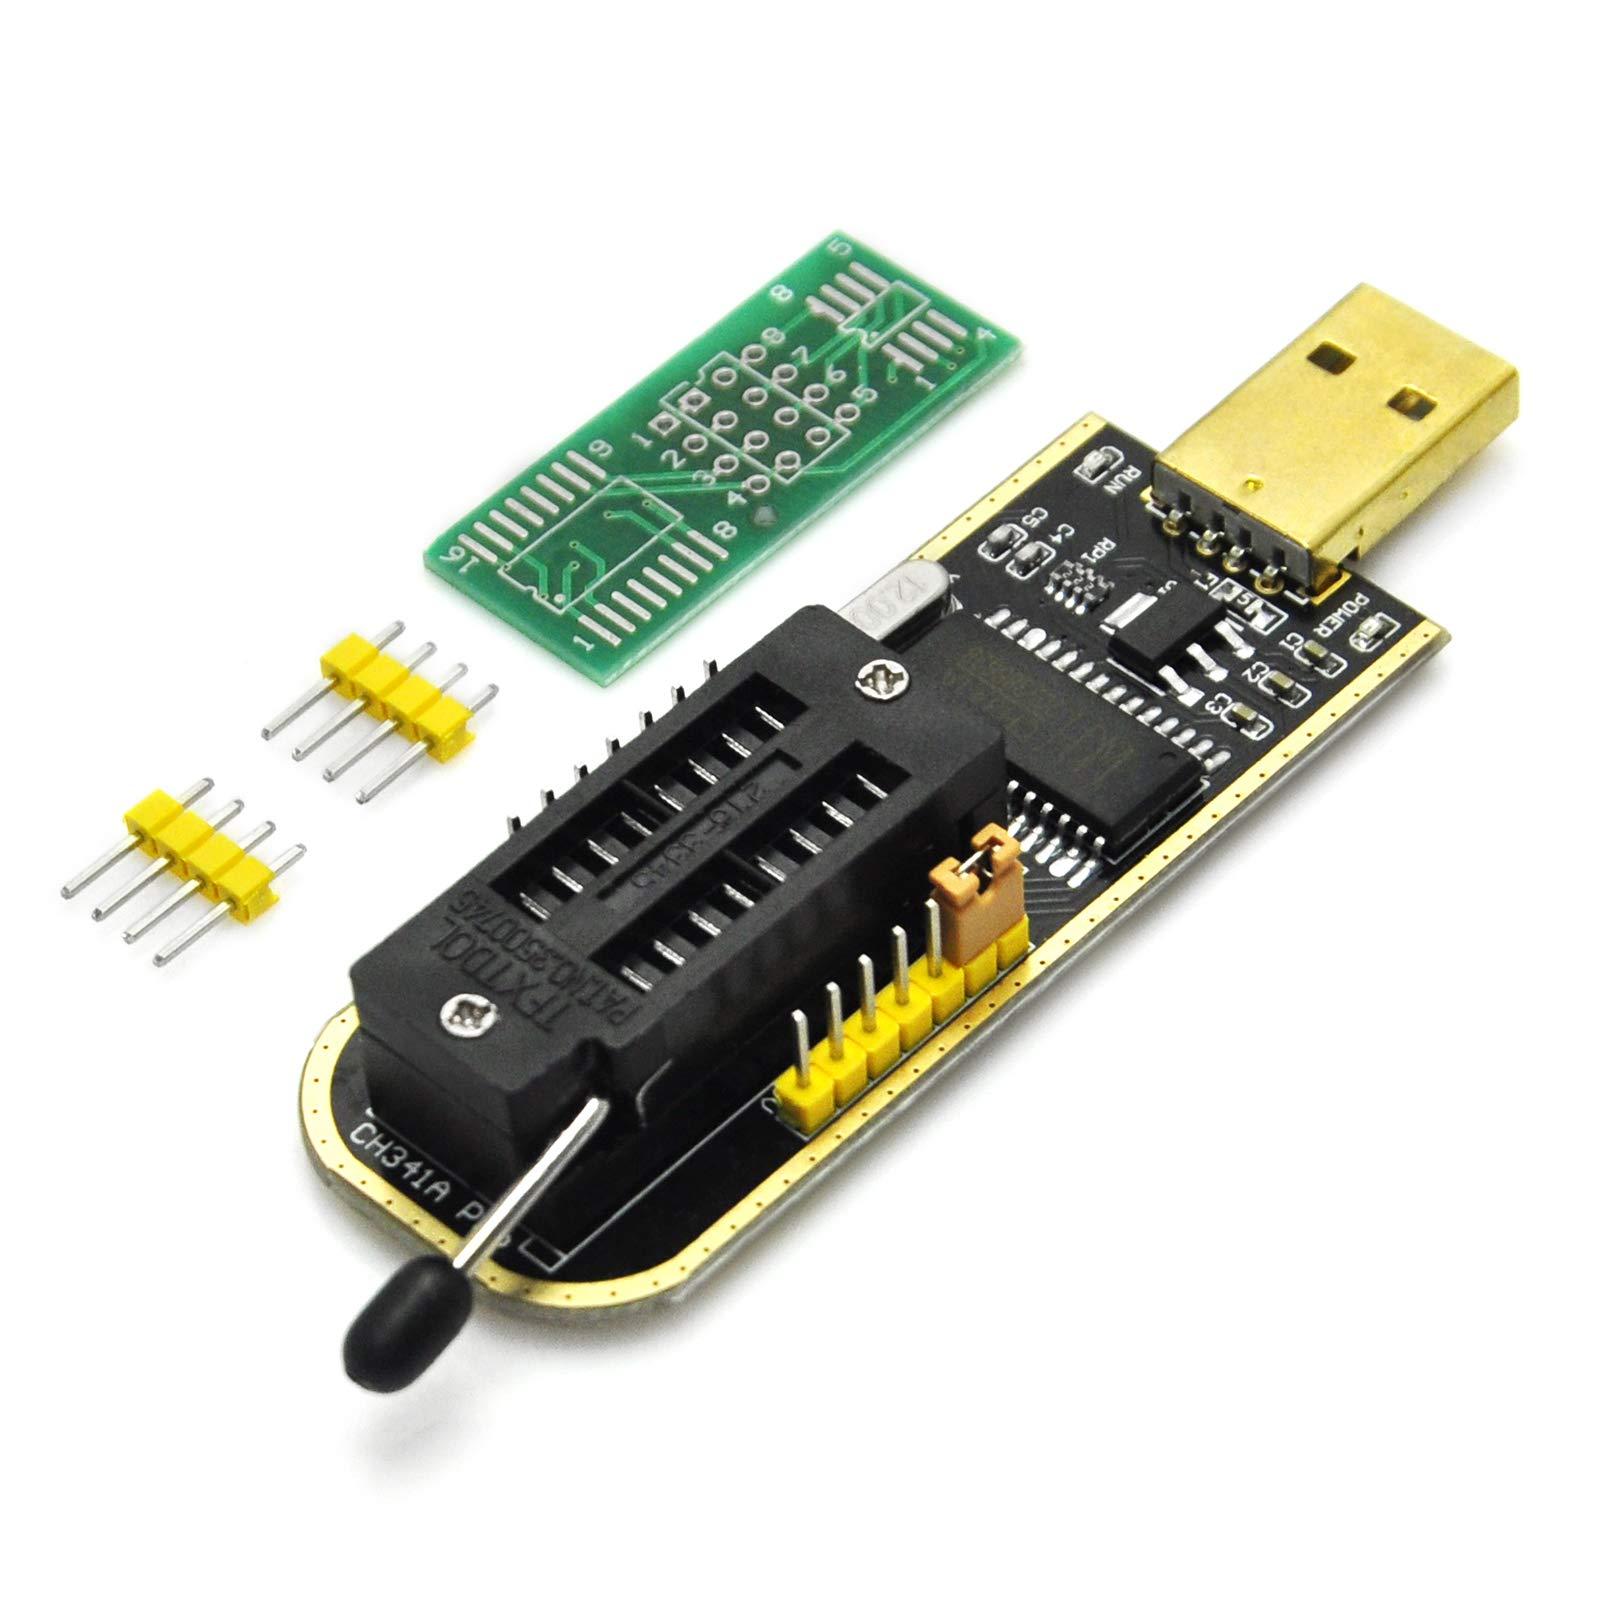 Gikfun USB Programmer CH341A Series Burner Chip 24 EEPROM BIOS Writer 25 SPI Flash AE1185 by Gikfun (Image #1)